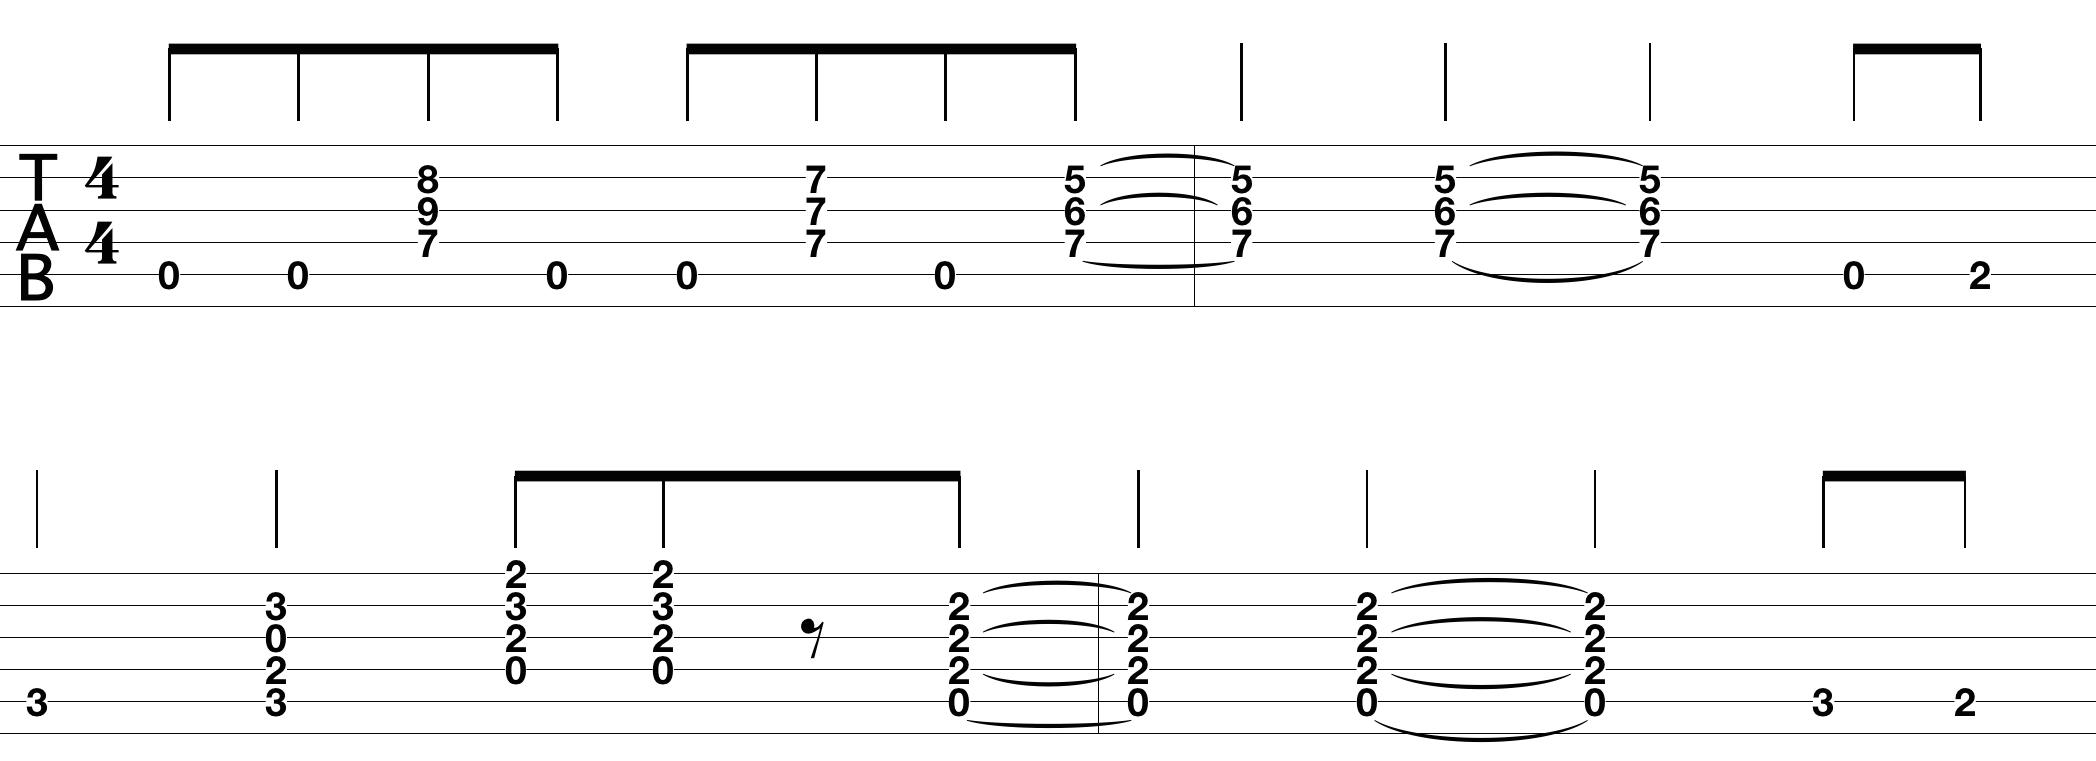 free-guitar-riffs_1.png